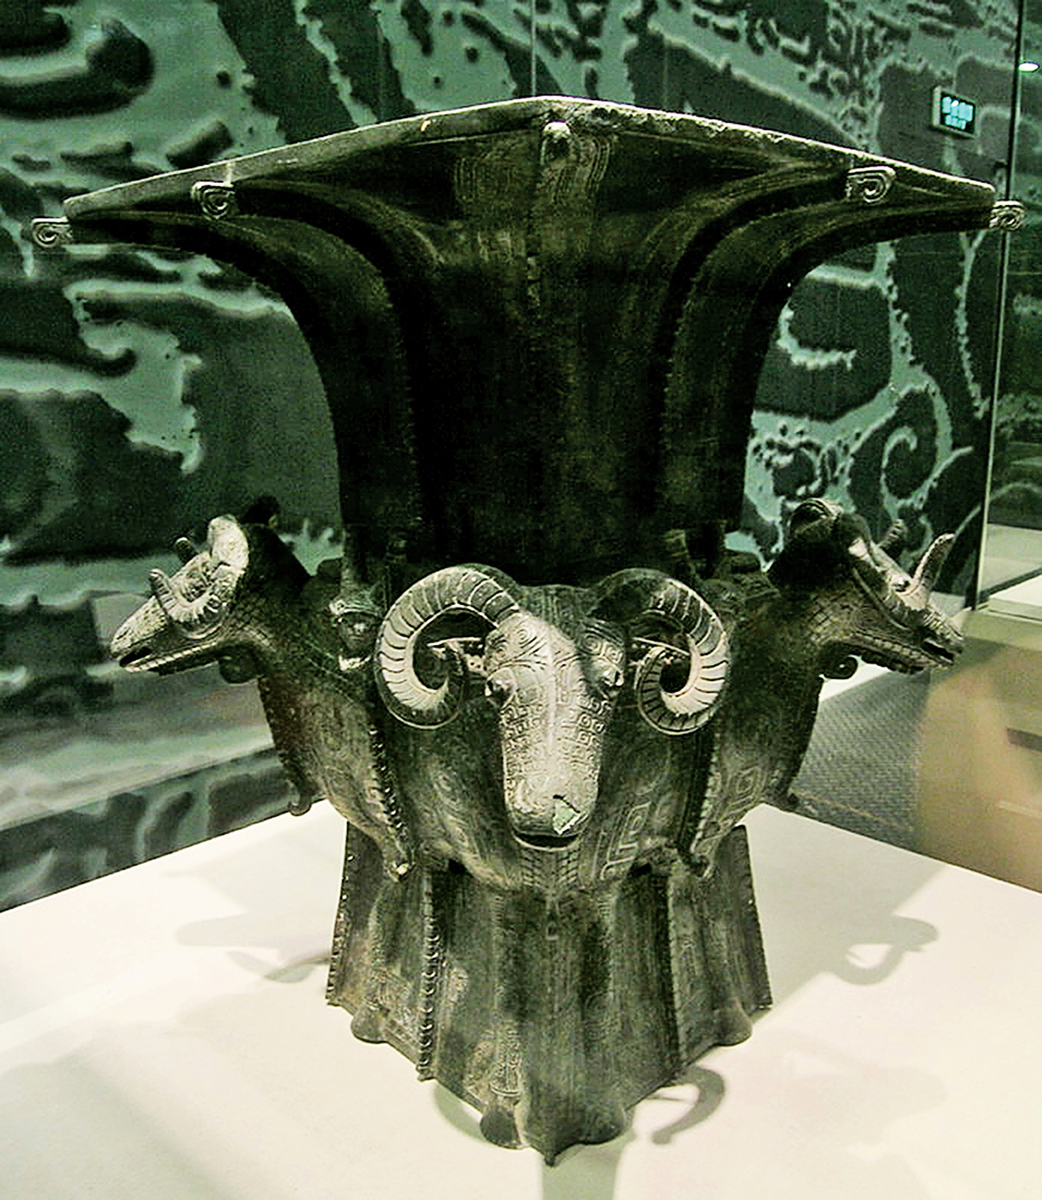 商代青銅器四羊方尊,藏於中國國家博物館。(smartneddy/維基百科)